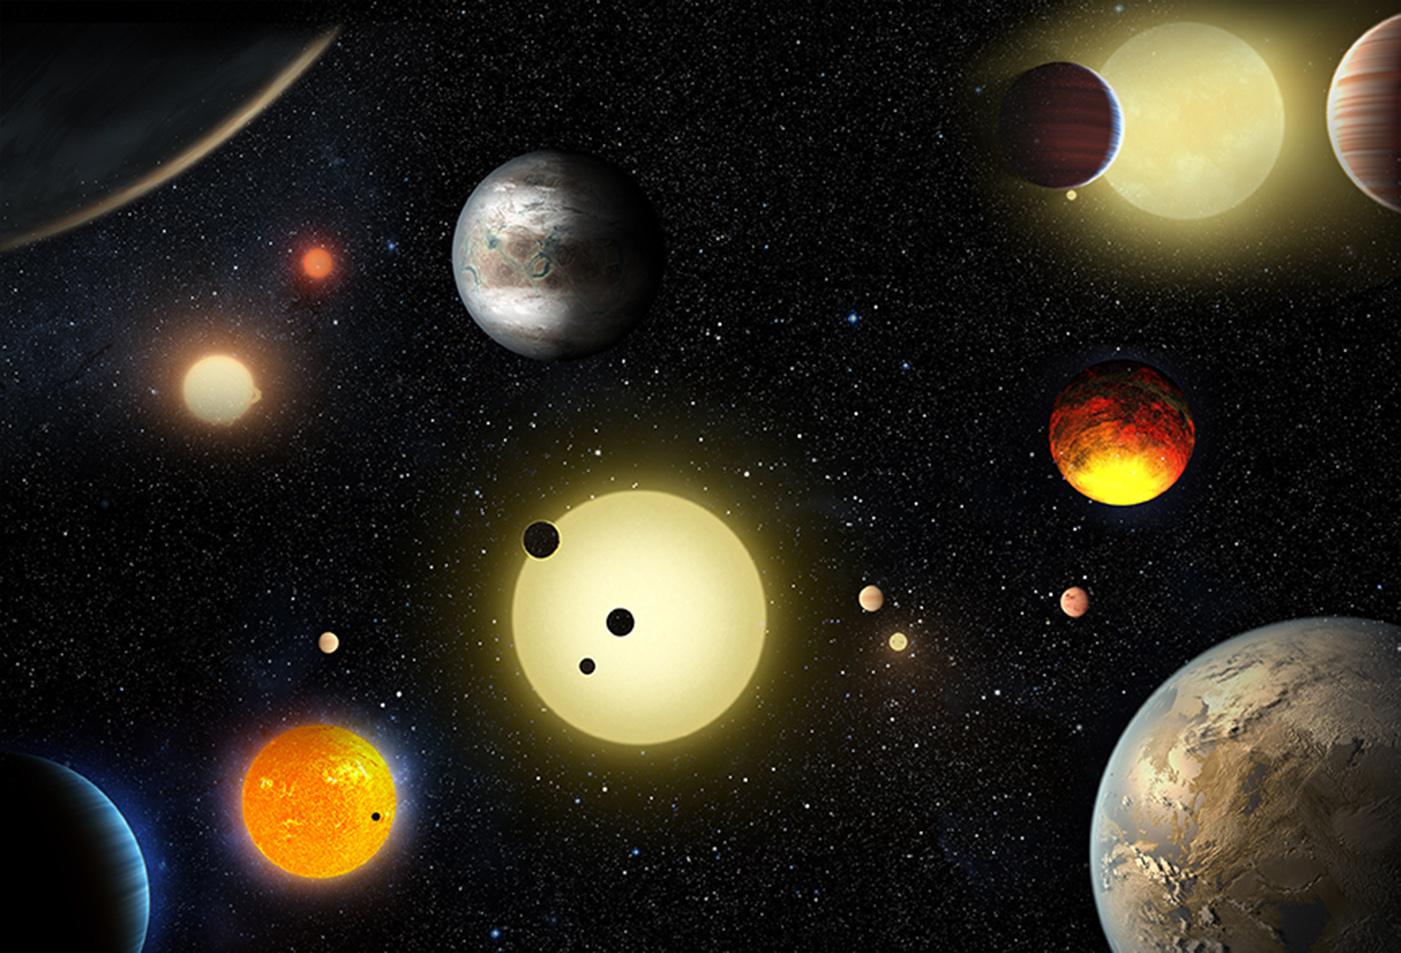 Più raro del previsto trovare un pianeta abitabile simile alla Terra